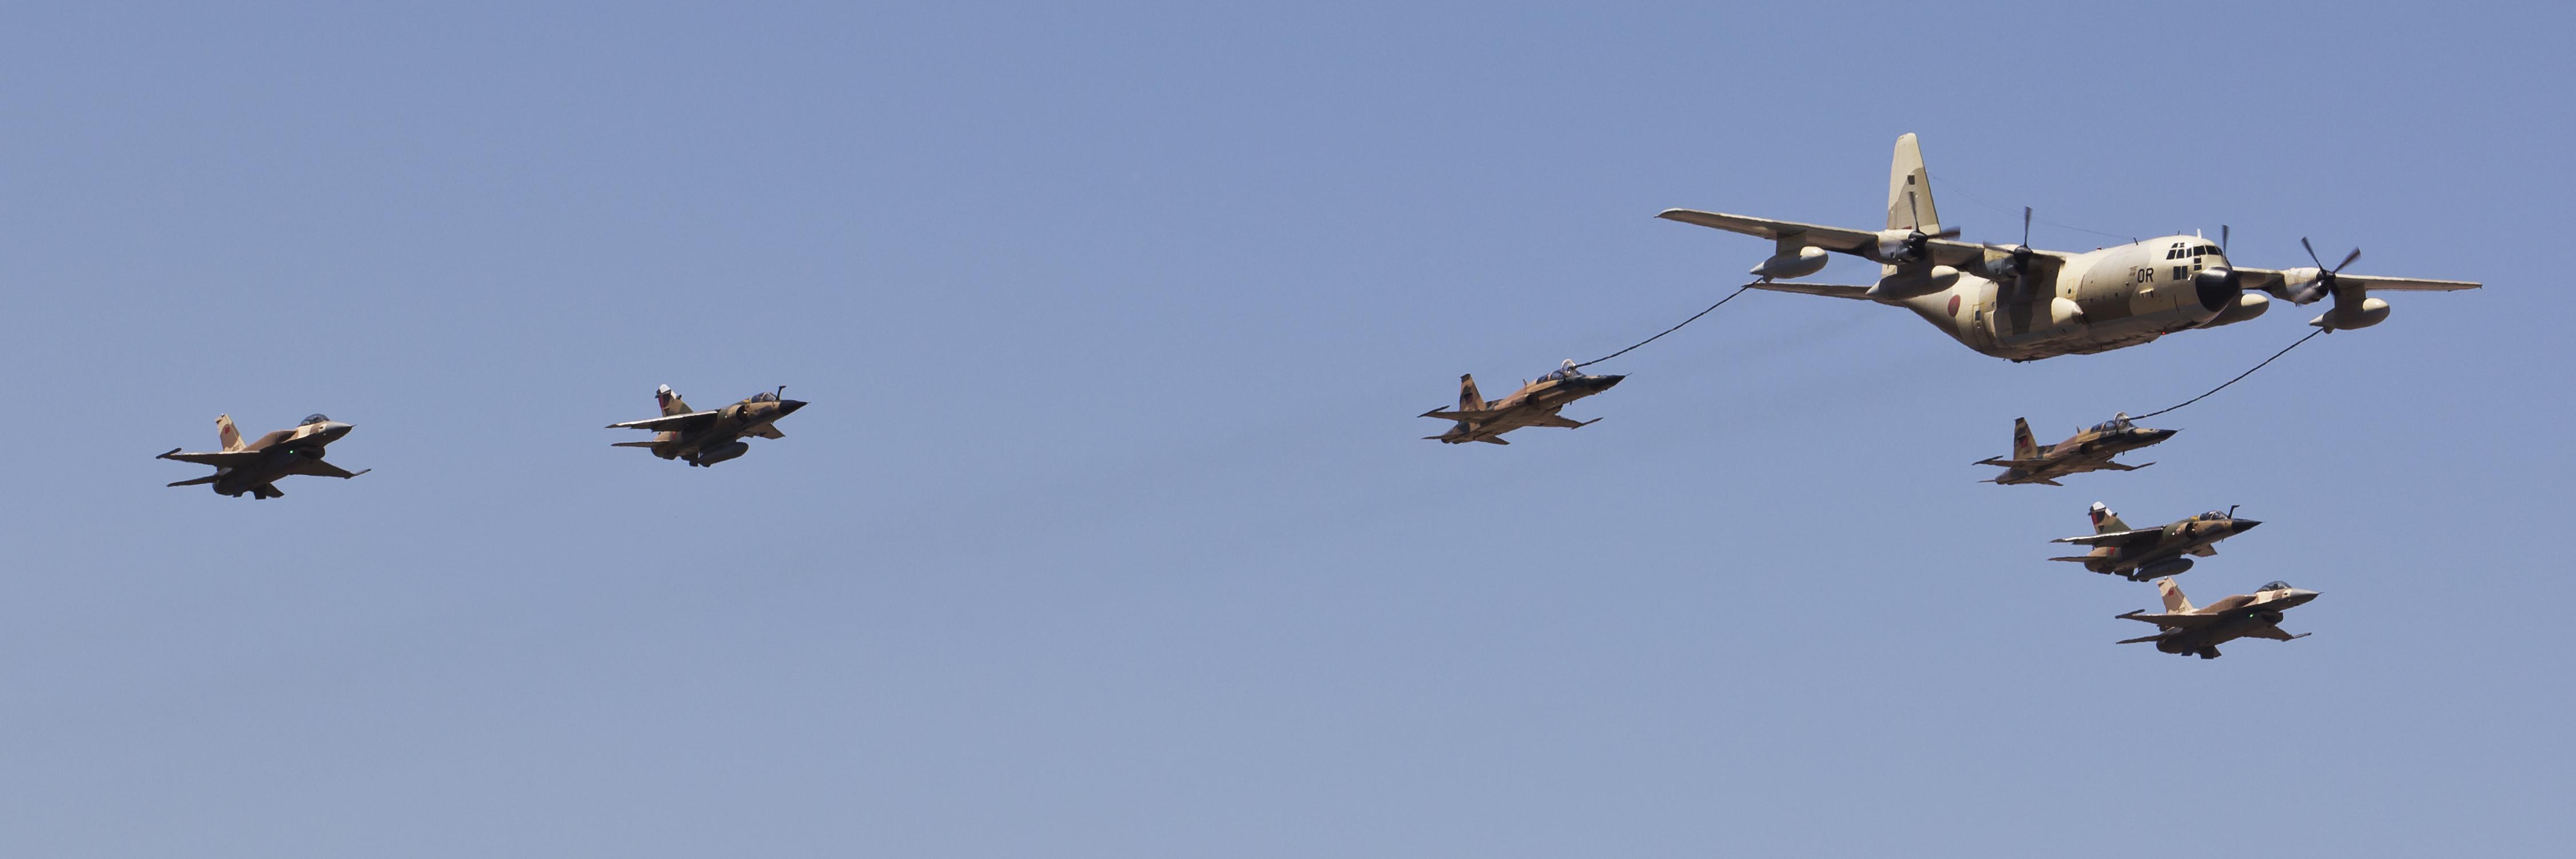 طائرات النقل العاملة بالقوات المسلحة المغربية 13945932888_5f01aa397f_o